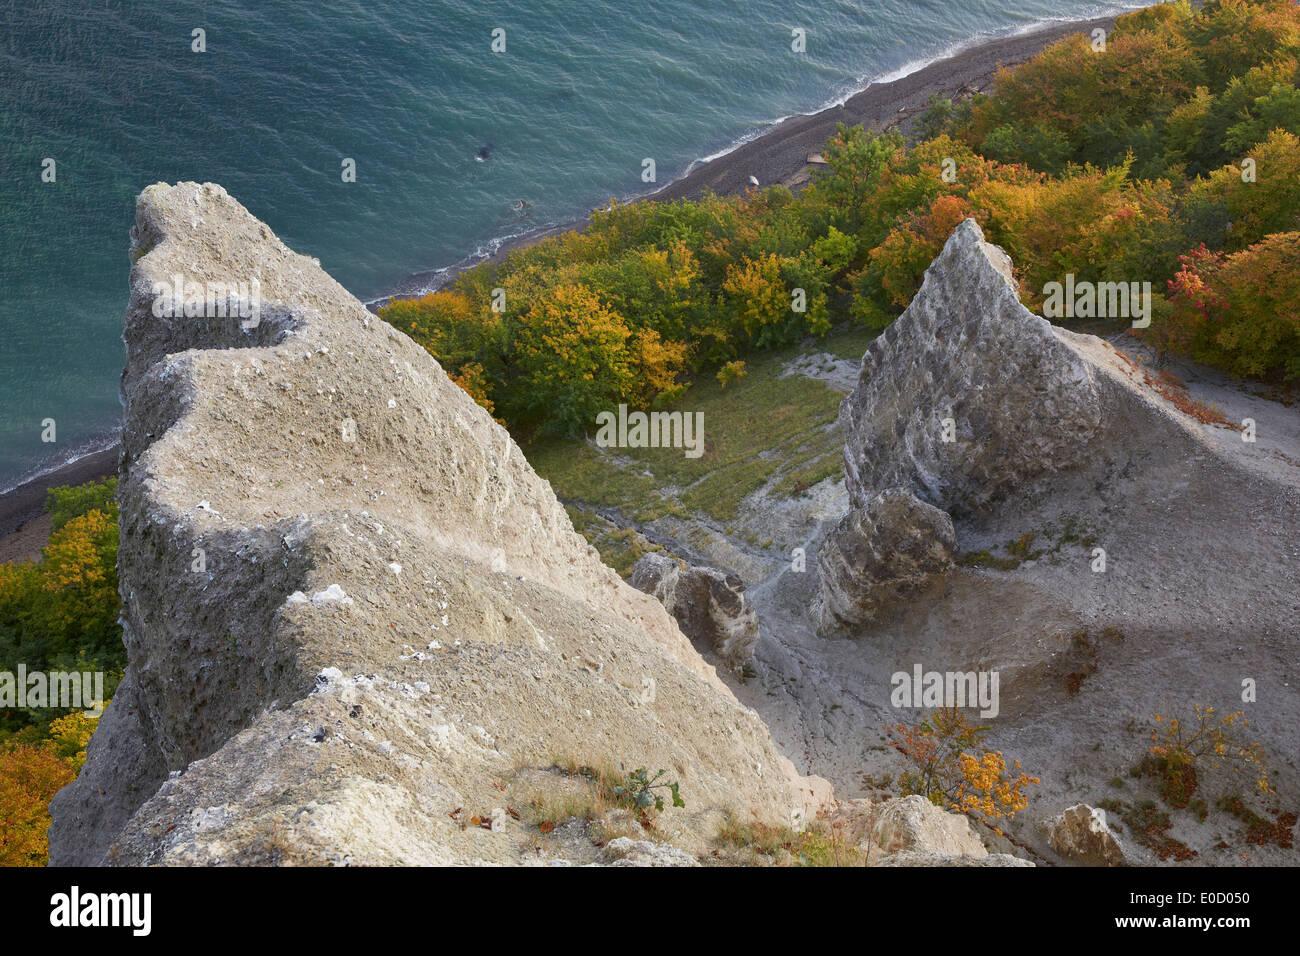 View from Victoria's View onto chalk cliffs in autumn, Jasmund National Park, Baltic coast, Ruegen island, Mecklenburg Western P - Stock Image